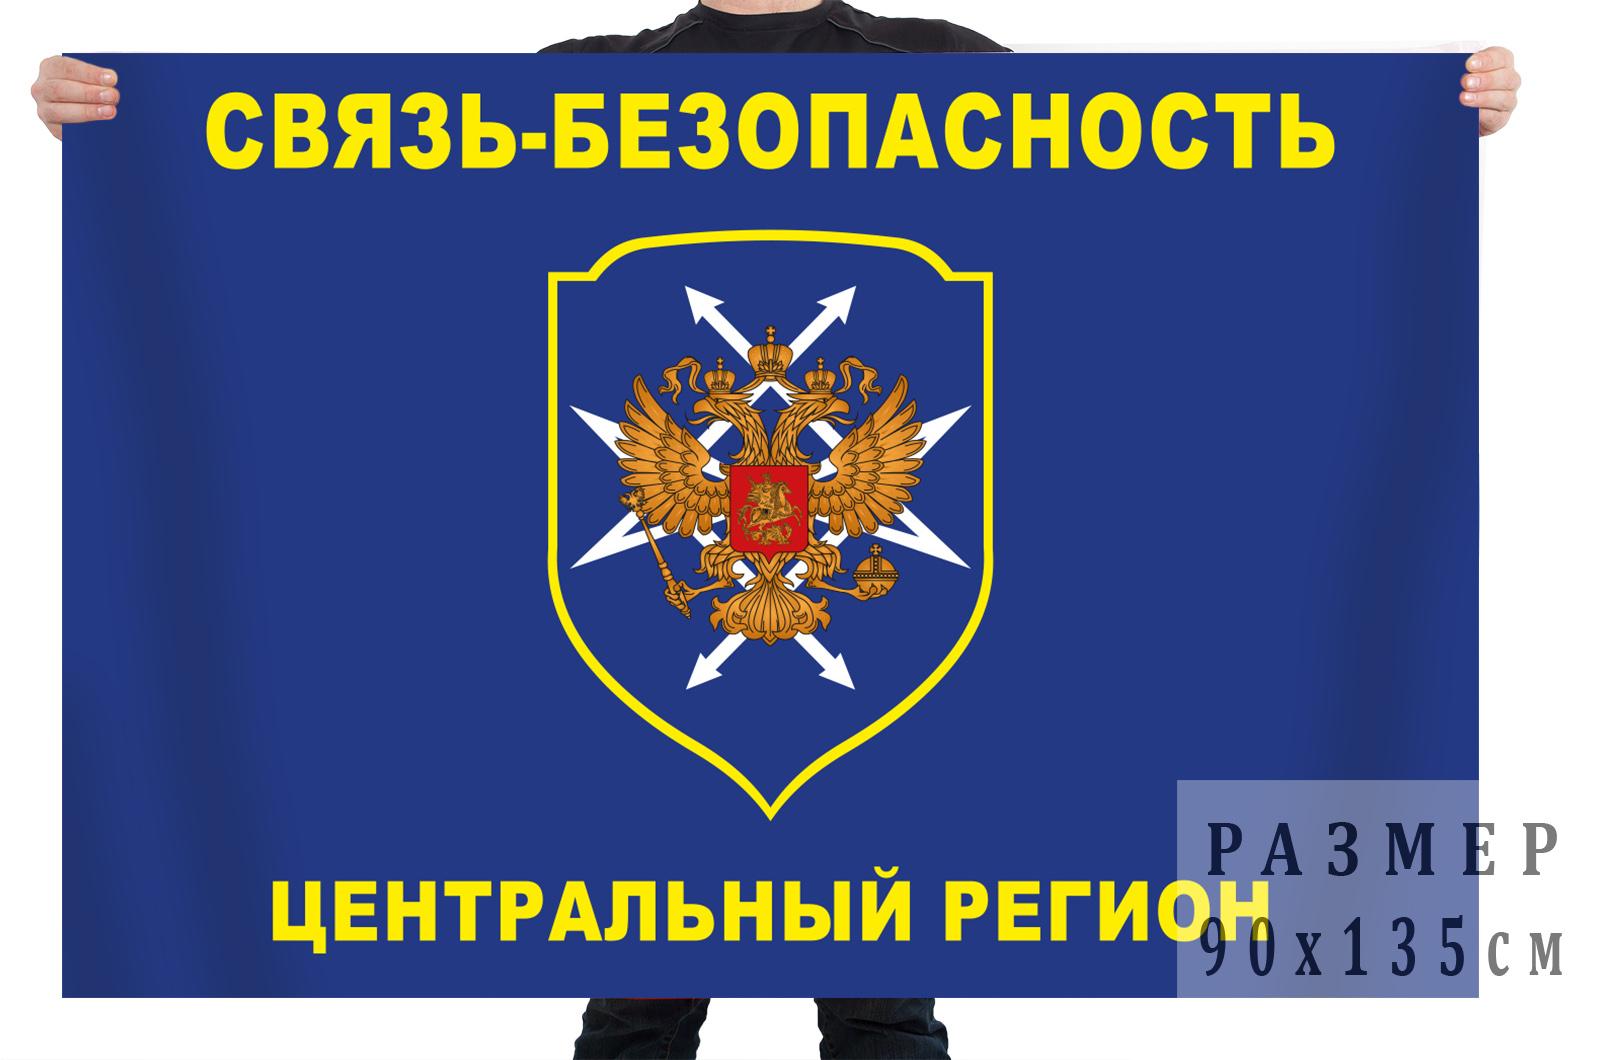 Купить в Москве флаг «Связь безопасность. Флаг Связь безопасность»